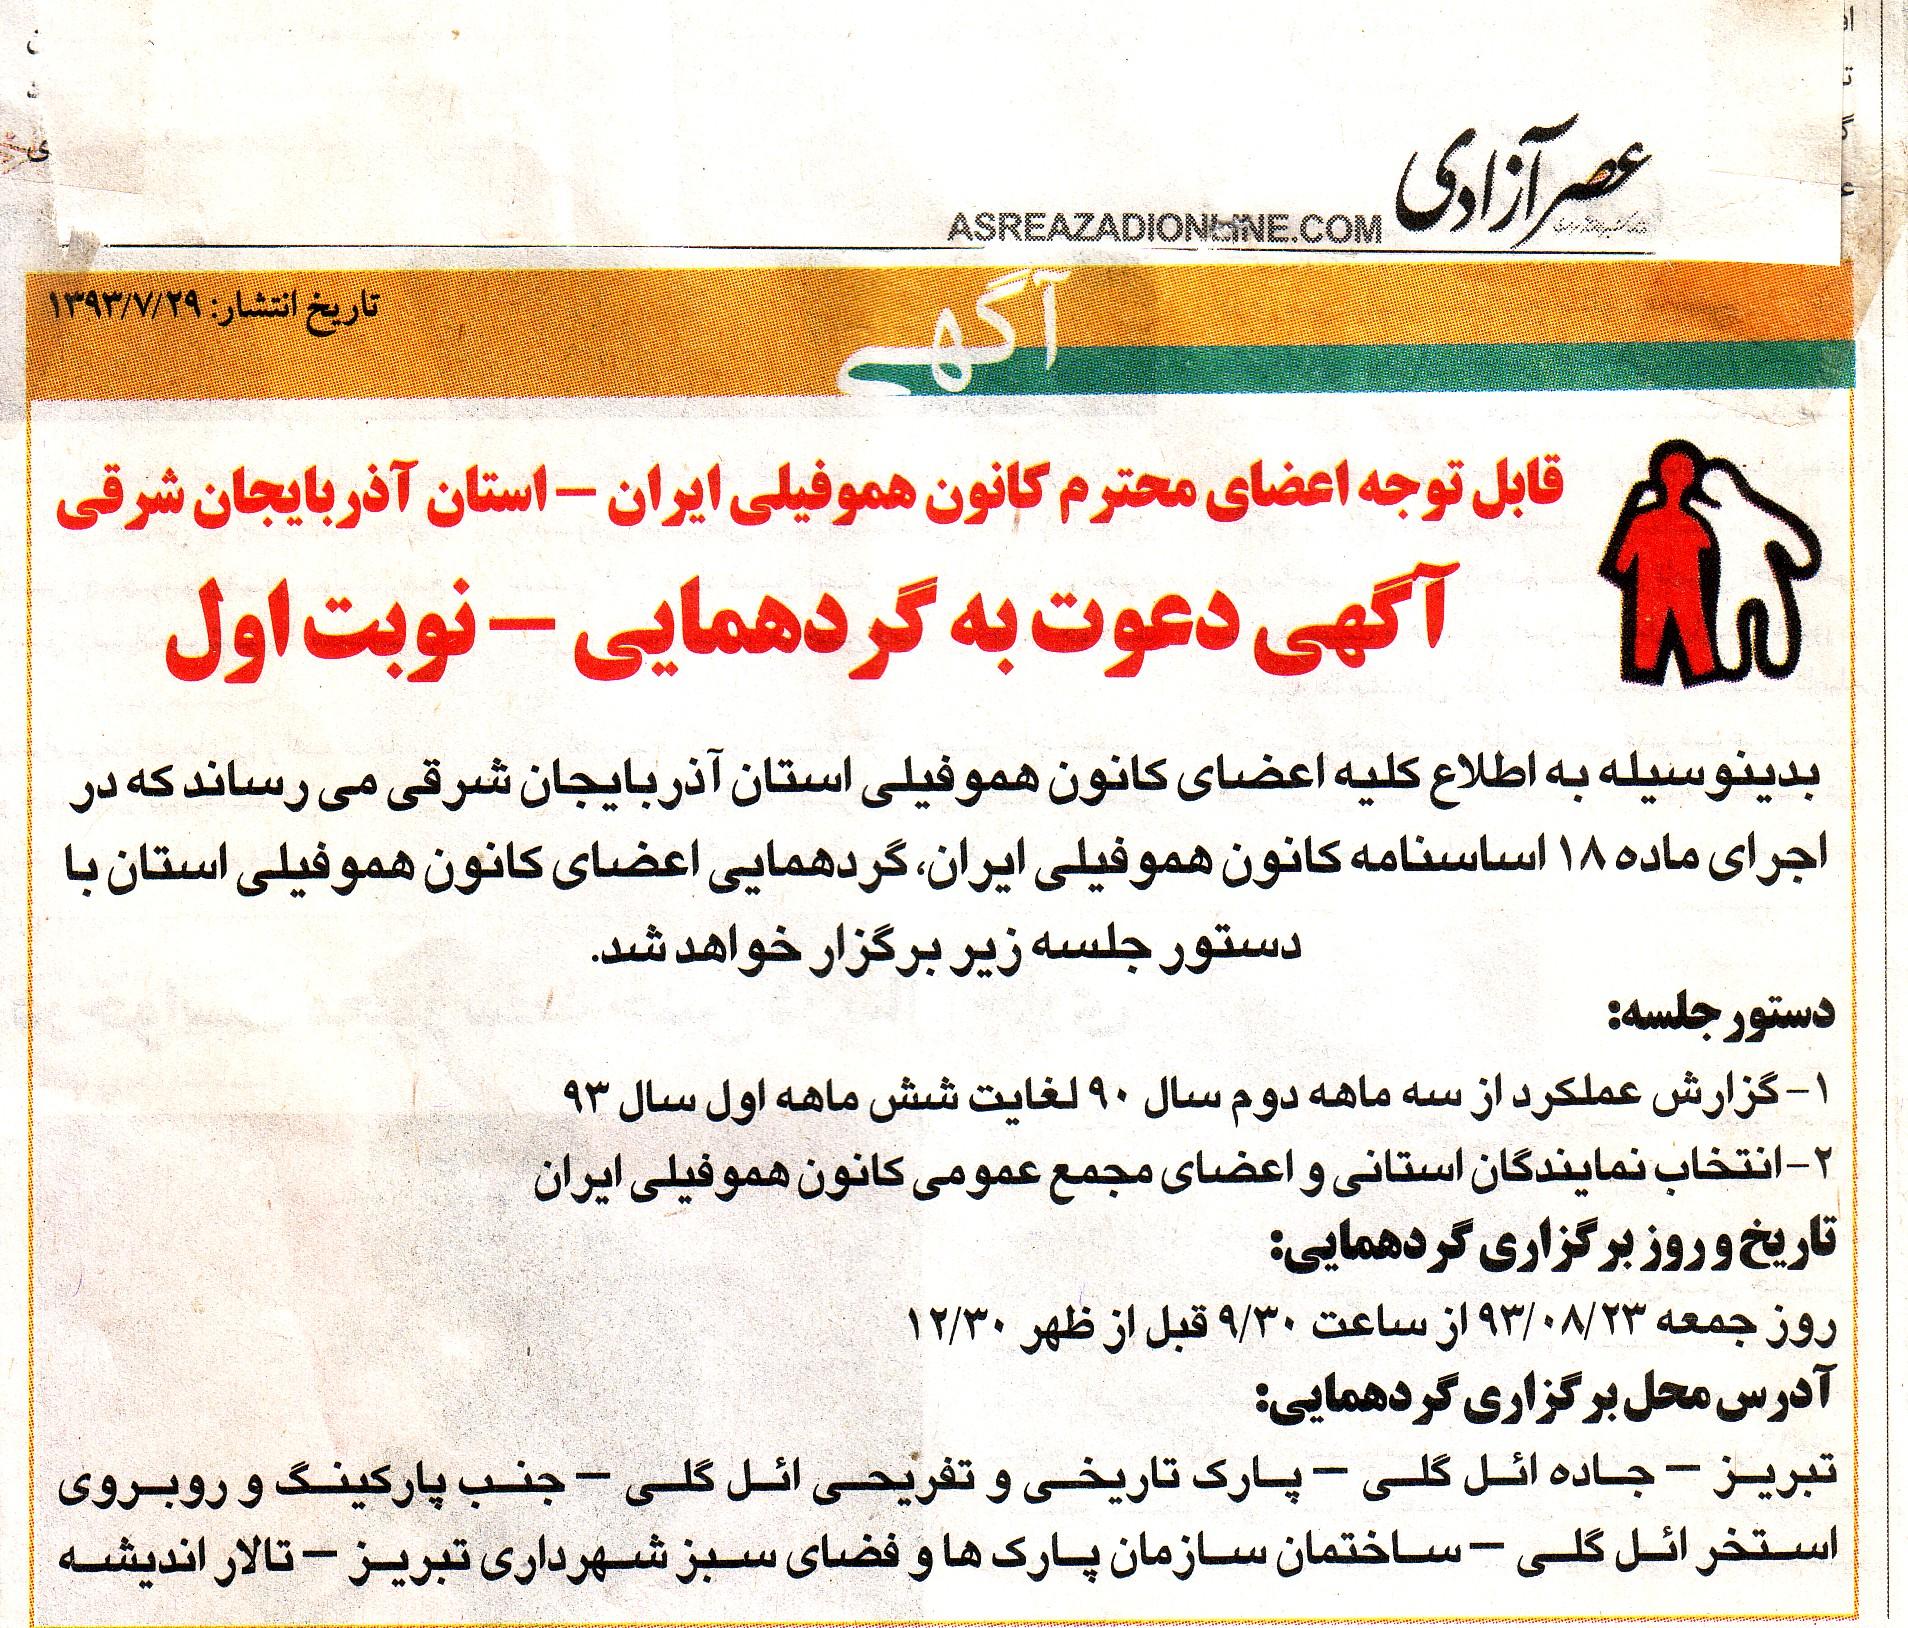 دعوتنامه گردهمایی انتخاباتی اعضای کانون هموفیلی ایران در استان آذربایجان شرقی